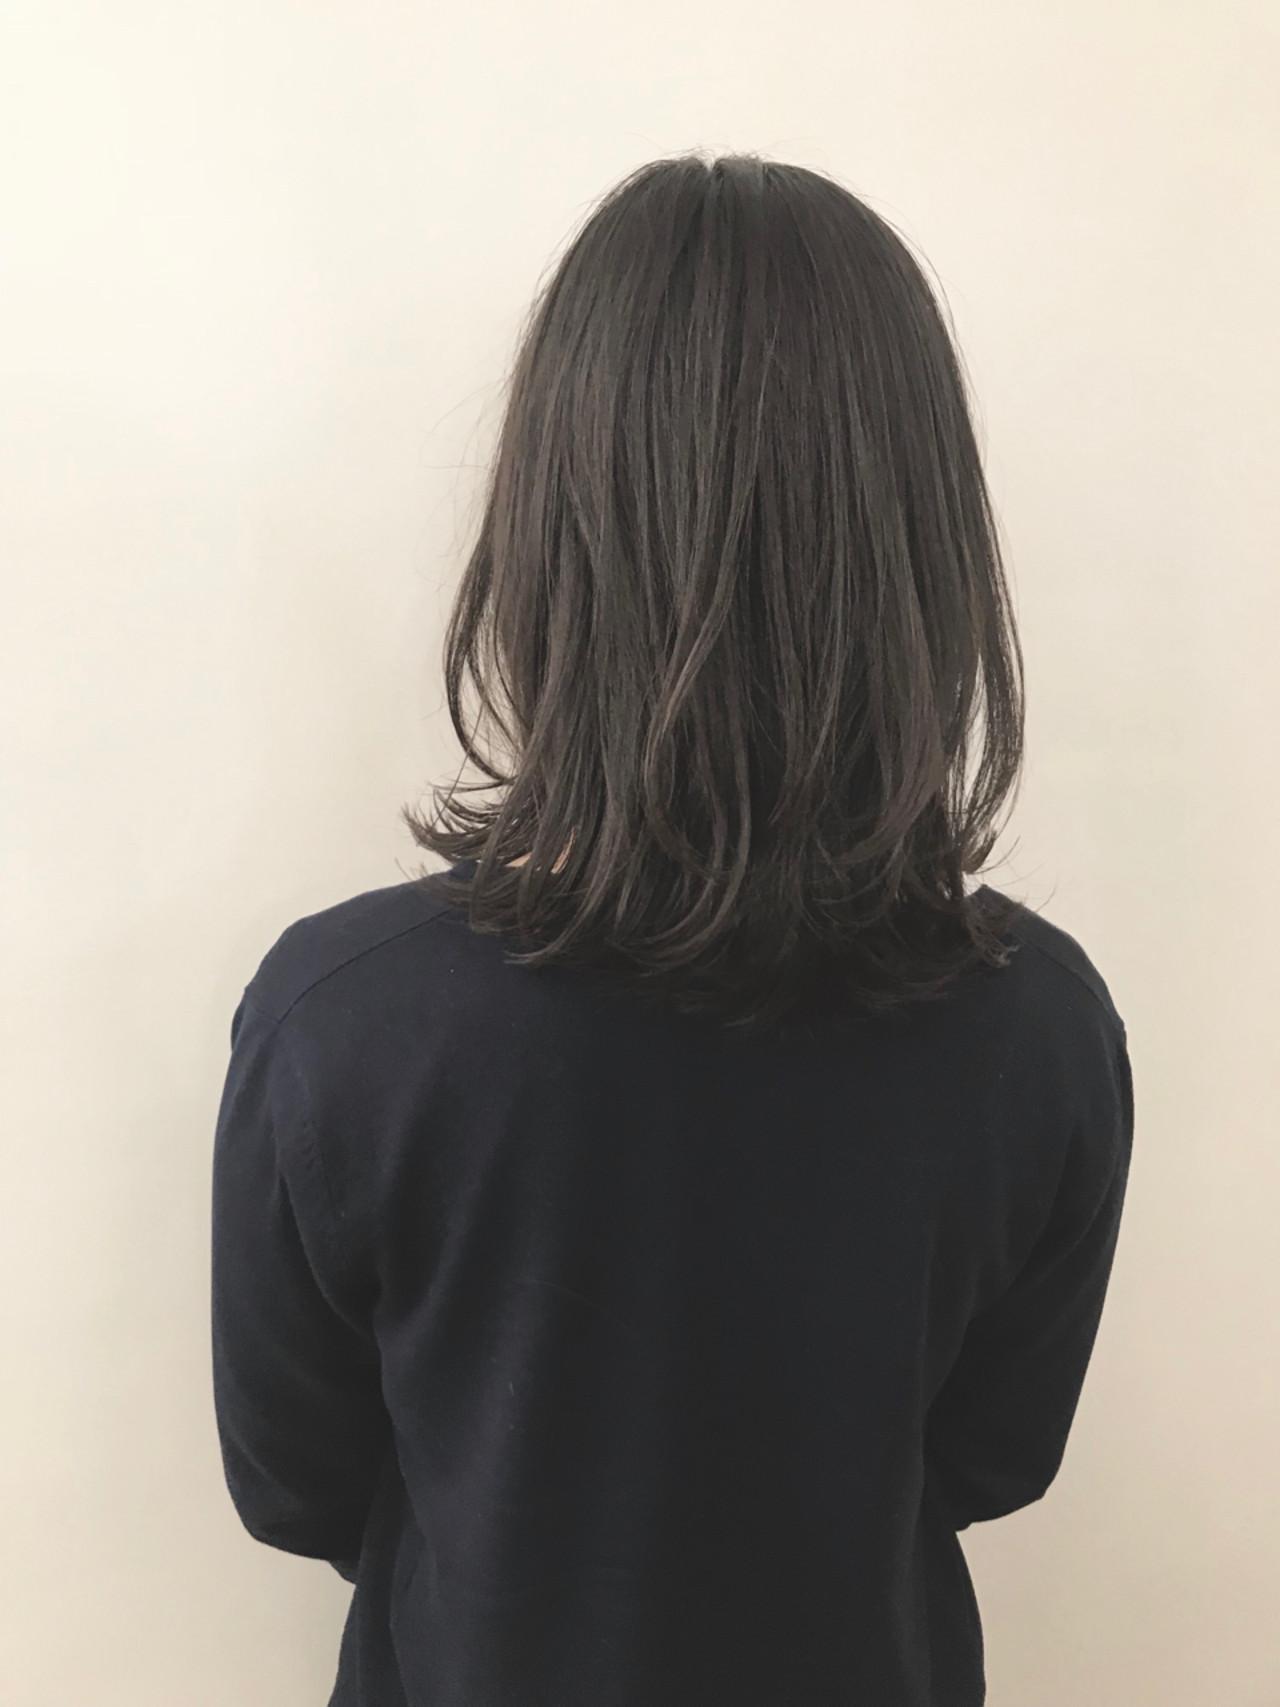 ボブ 切りっぱなし ゆるふわ ミディアム ヘアスタイルや髪型の写真・画像 | ヤマキタ トシキ Neolive / Neolive CiroL.